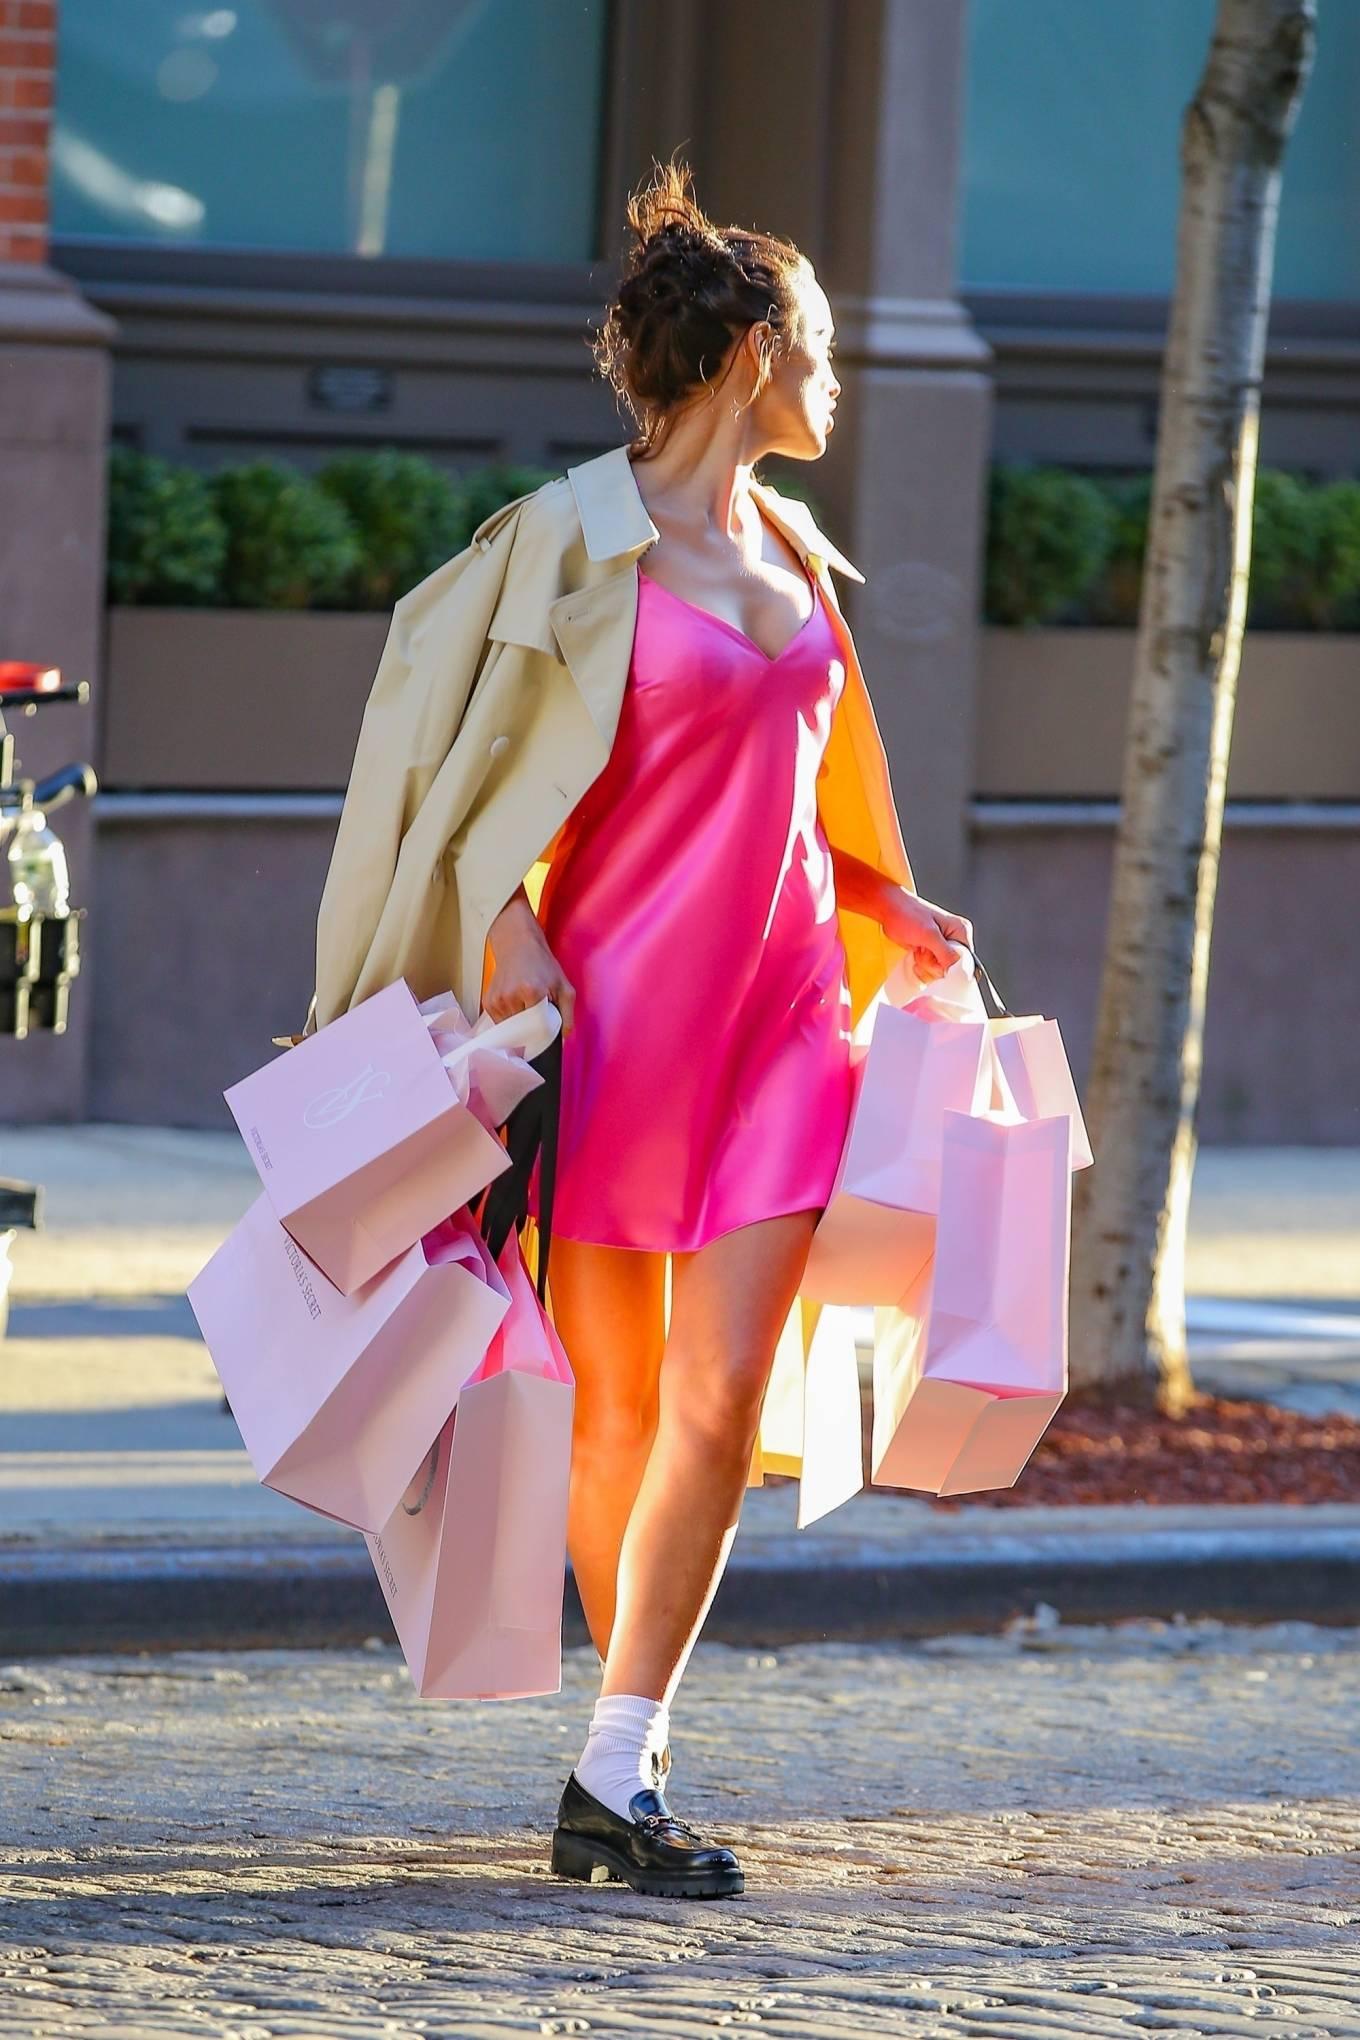 Irina Shayk 2021 : Irina Shayk – Victorias Secret photoshoot in New York-11